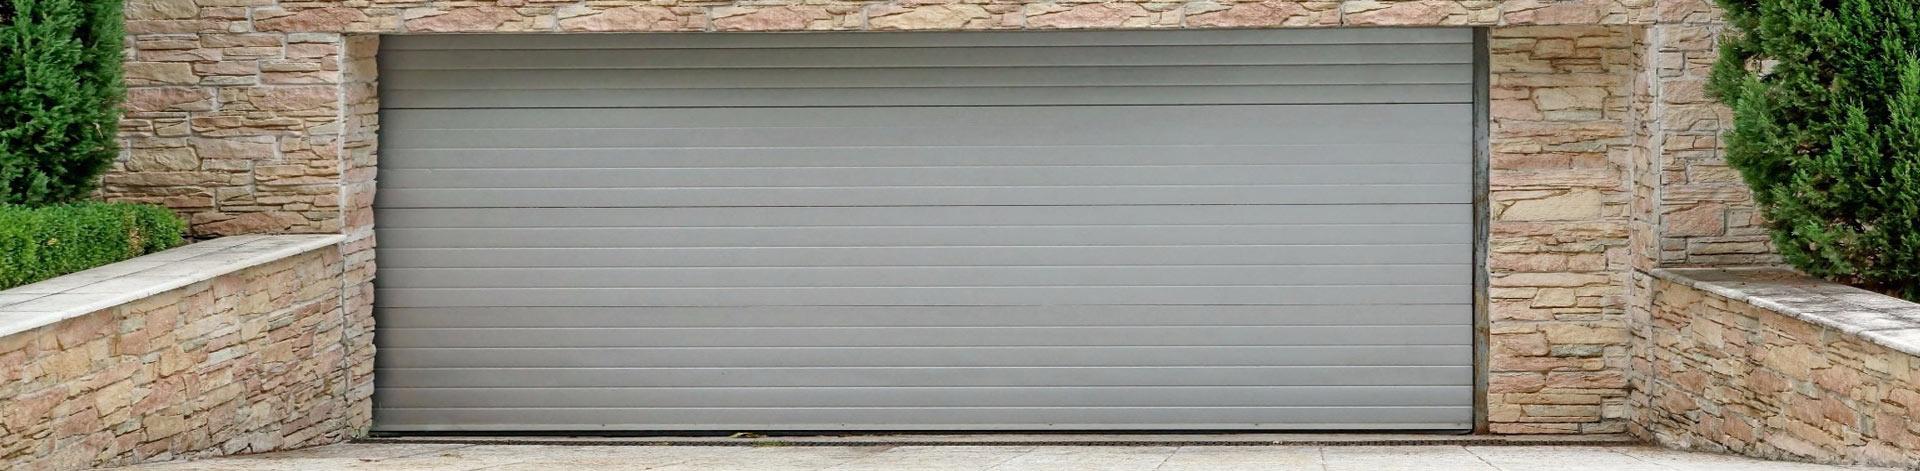 Garage door installation in brooklyn ny garage door install brooklyn rubansaba